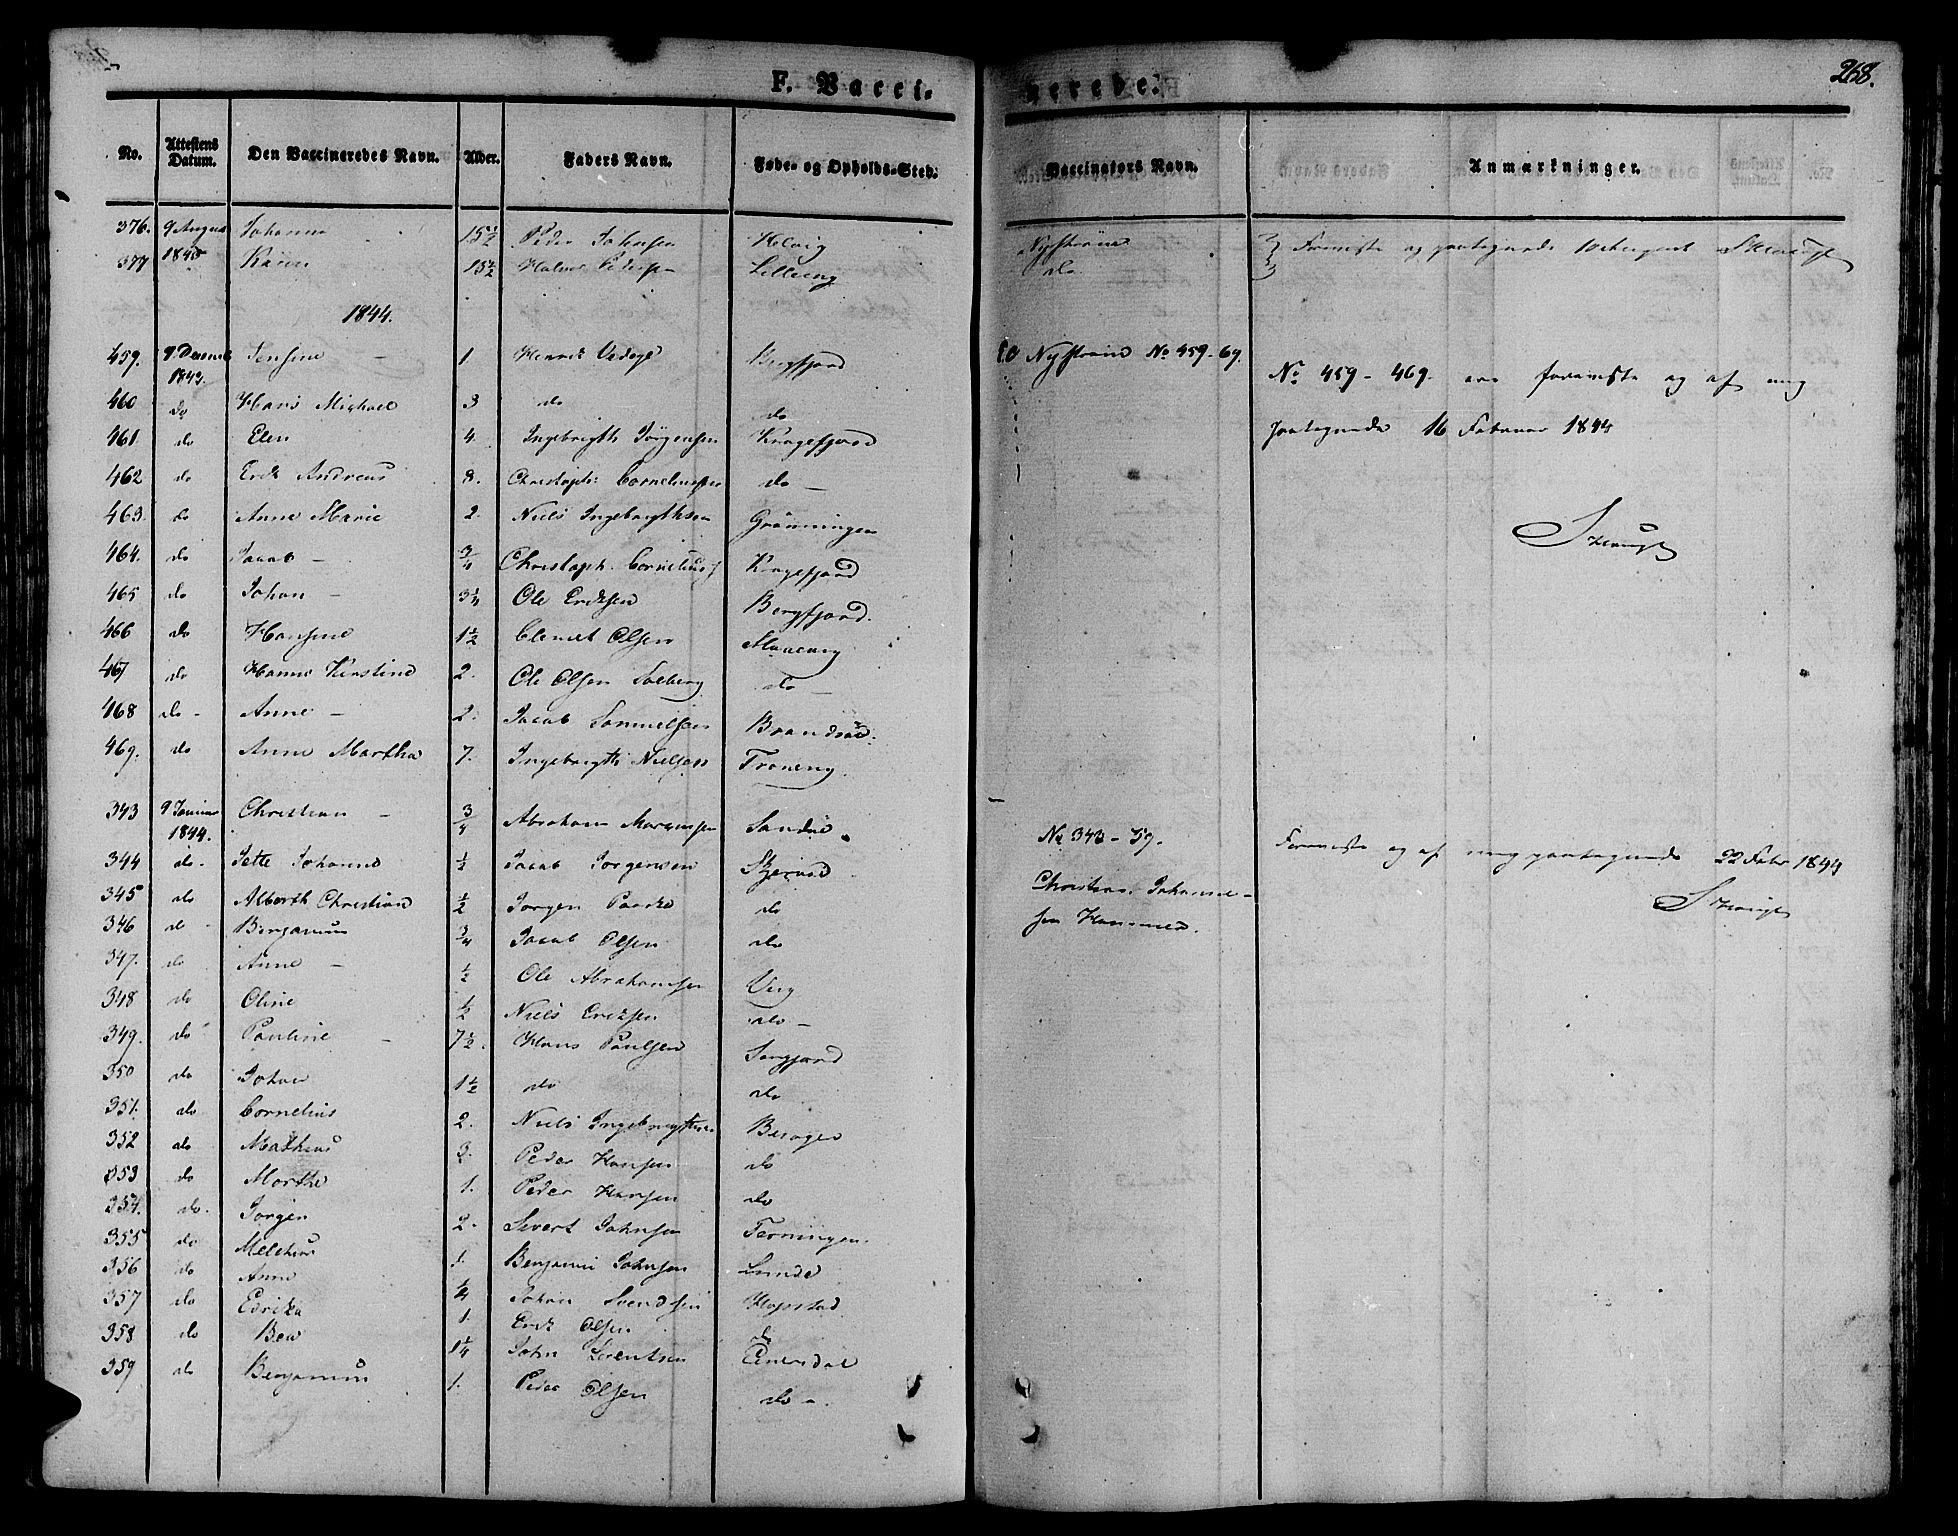 SAT, Ministerialprotokoller, klokkerbøker og fødselsregistre - Sør-Trøndelag, 657/L0703: Ministerialbok nr. 657A04, 1831-1846, s. 268